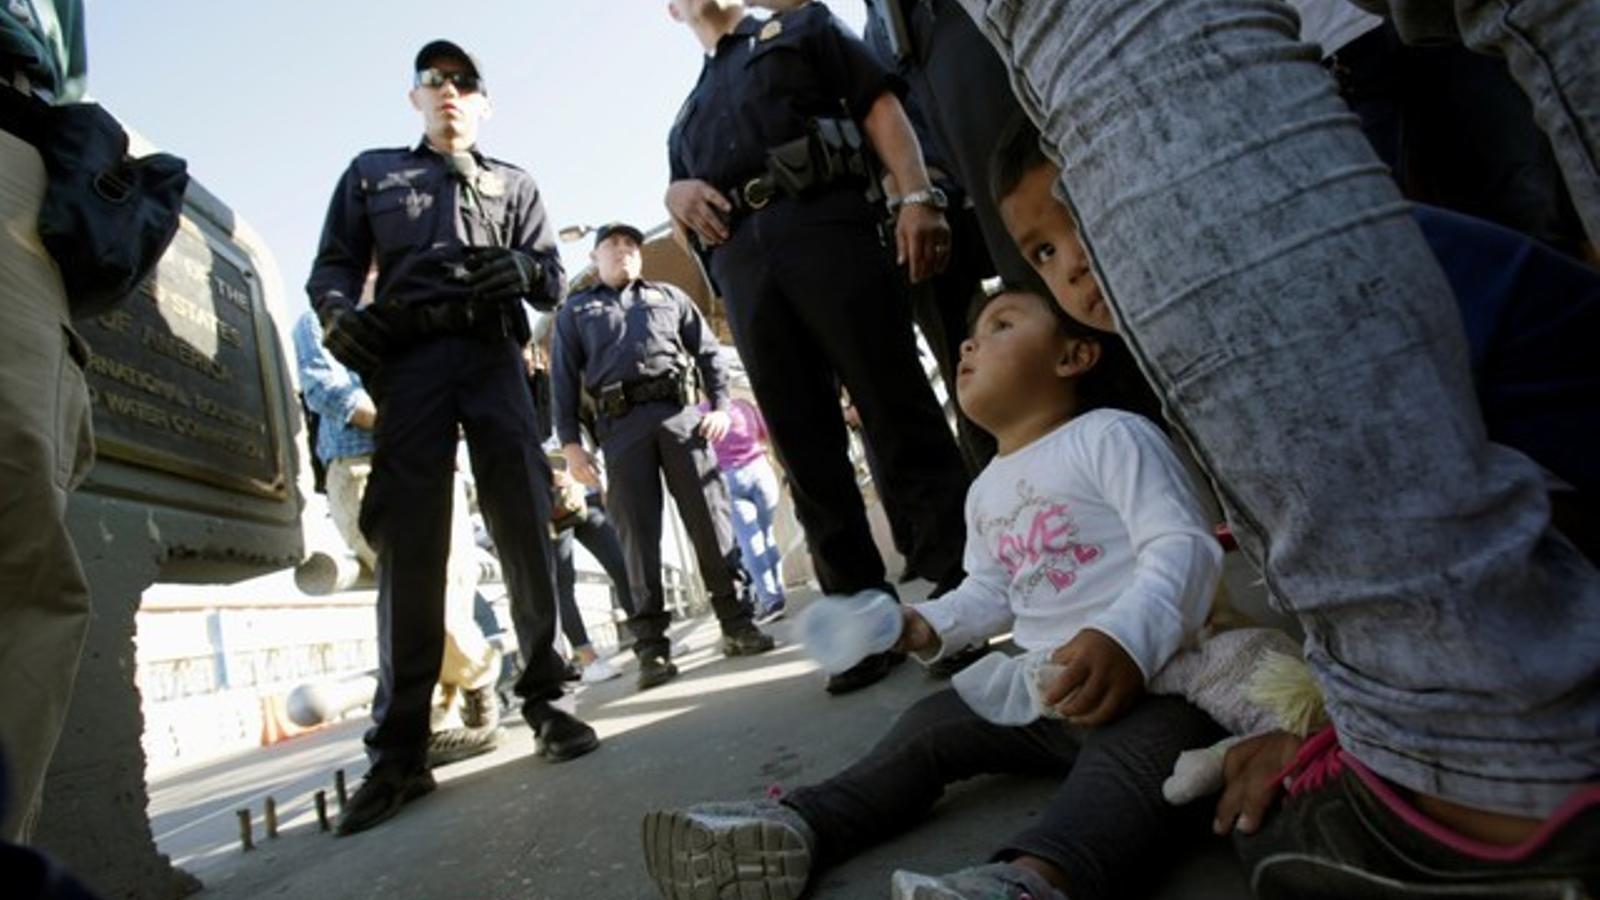 Nens immigrants aturats a la frontera amb les seves famílies en intentar creuar als Estats Units des de Mèxic.